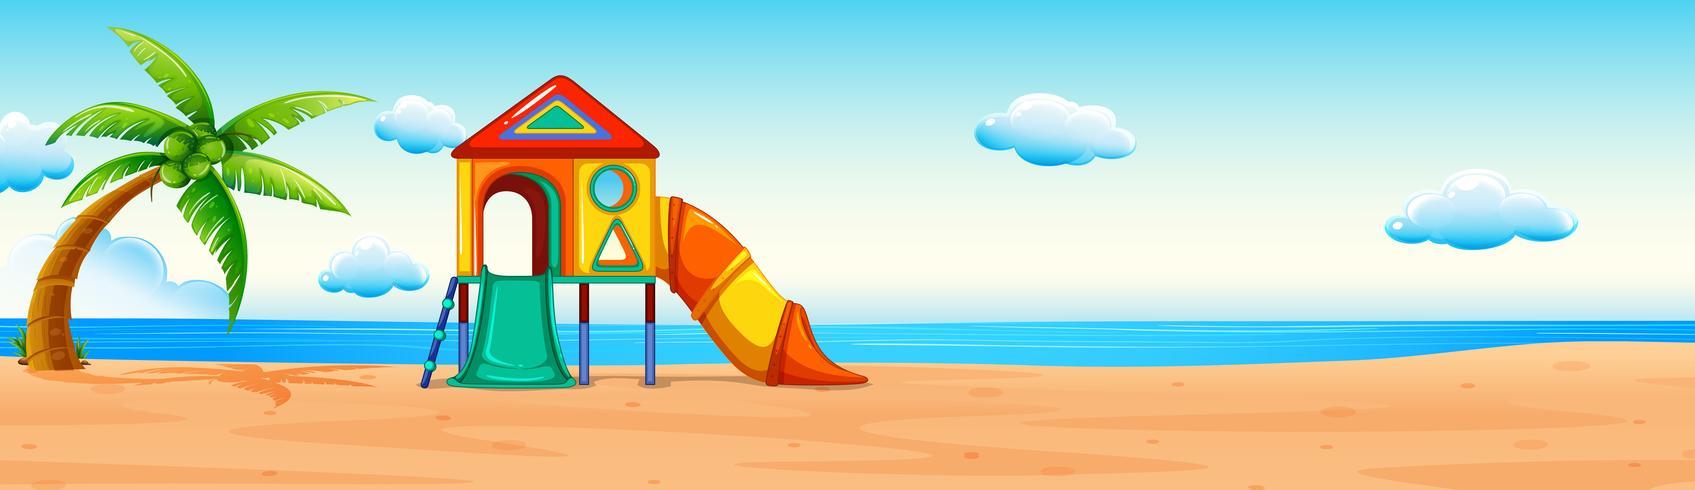 Scène avec toboggan sur la plage vecteur